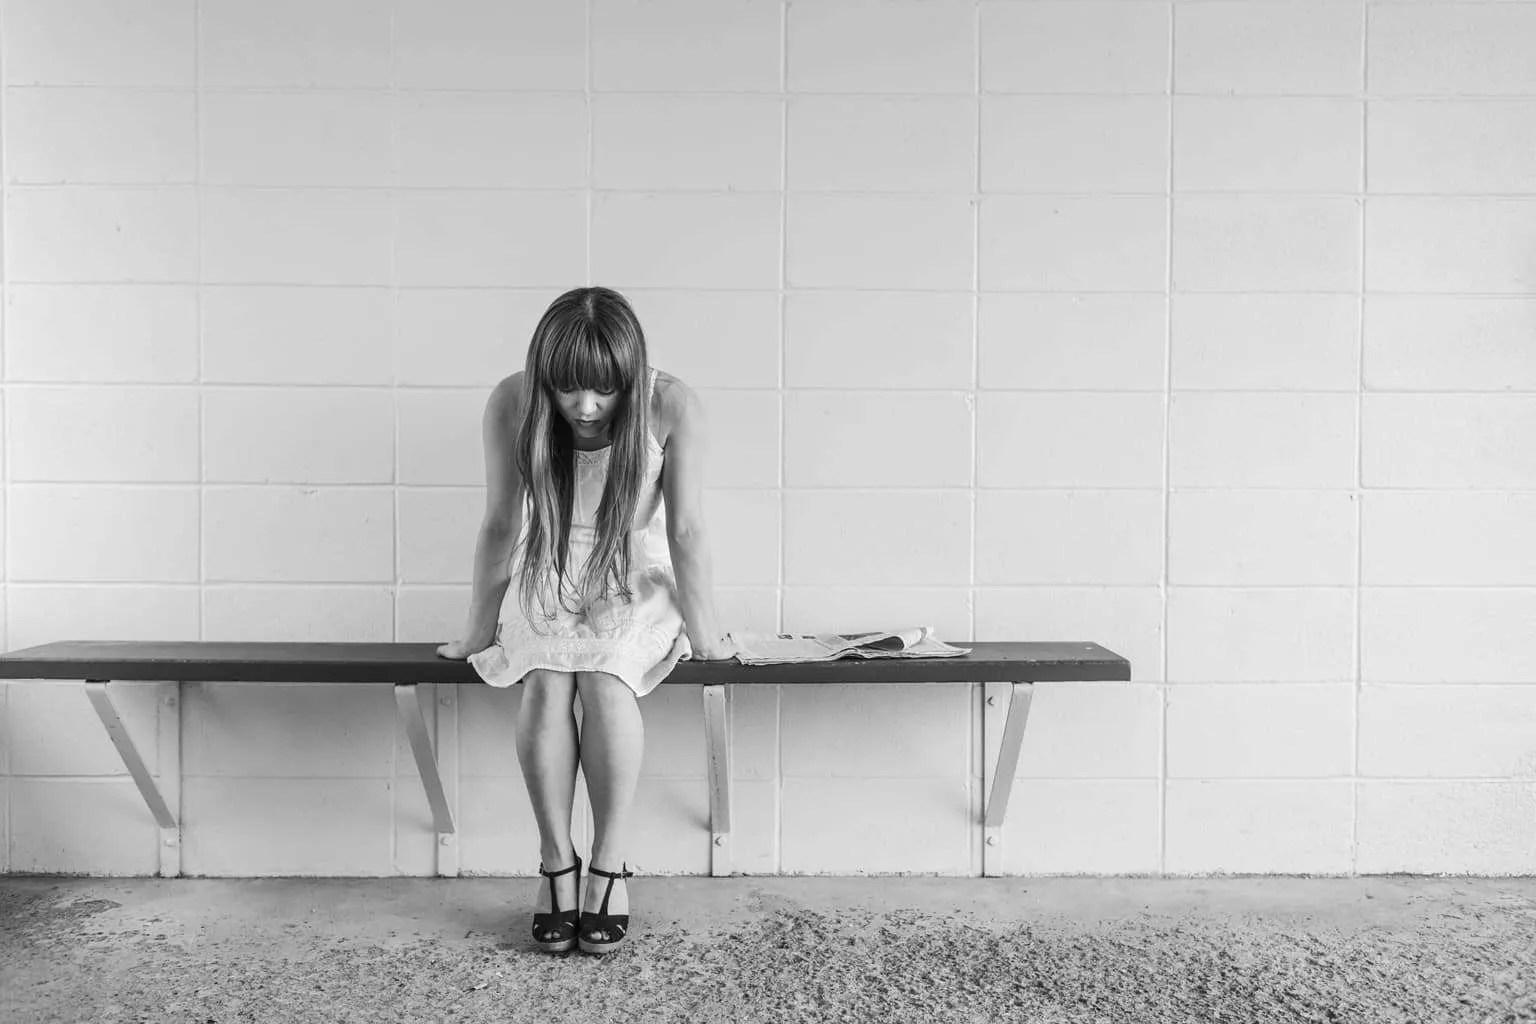 Warum fühlt sich die Trennung von einem Narzissten so schrecklich an?